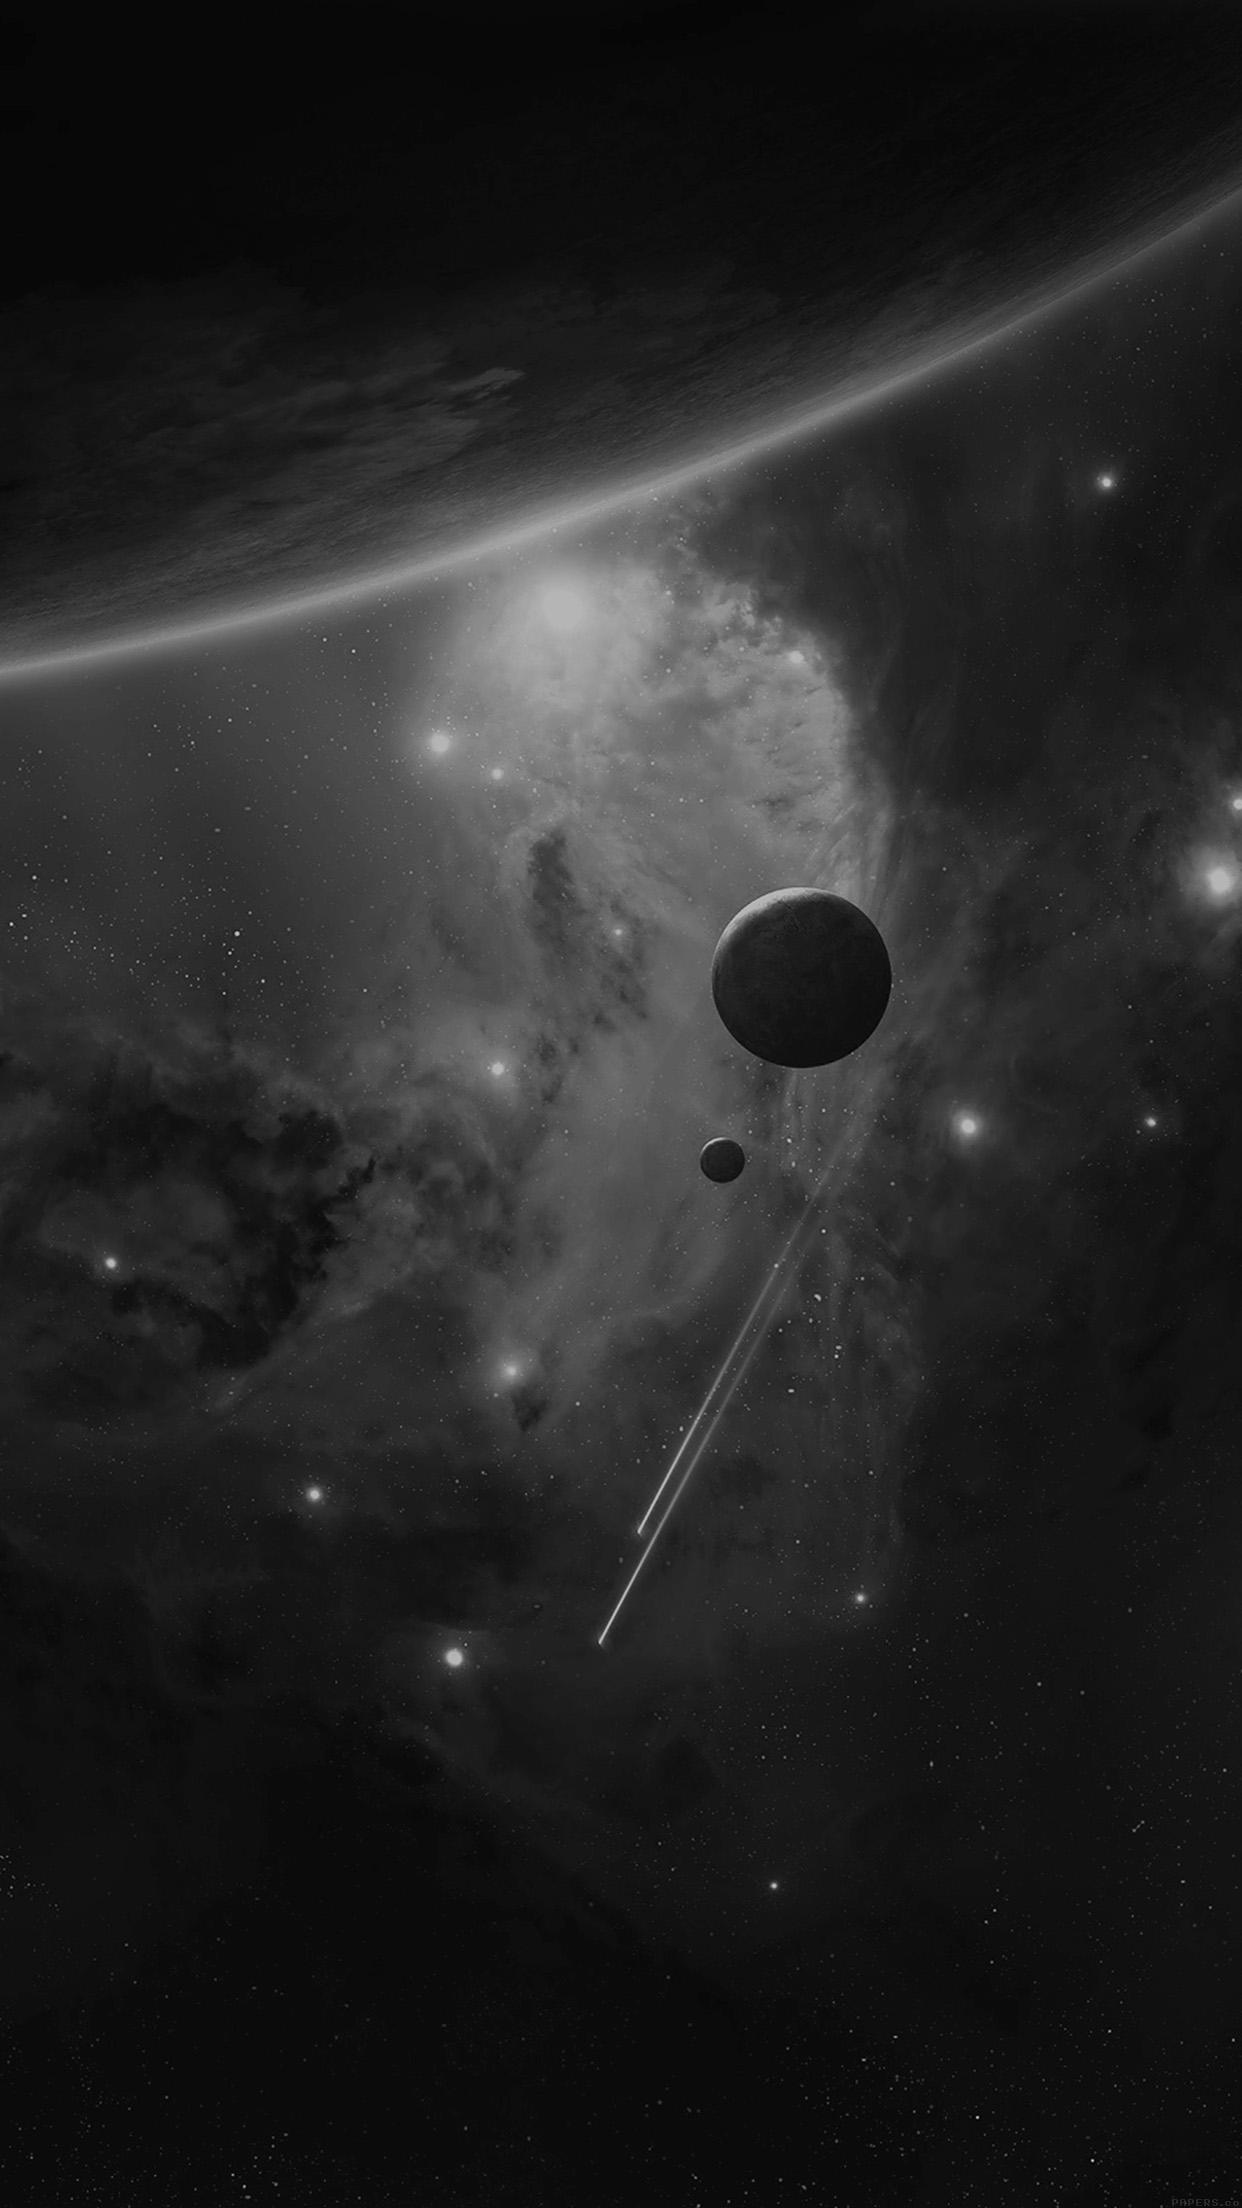 惑星と2つの彗星 iPhone6 Plus壁紙